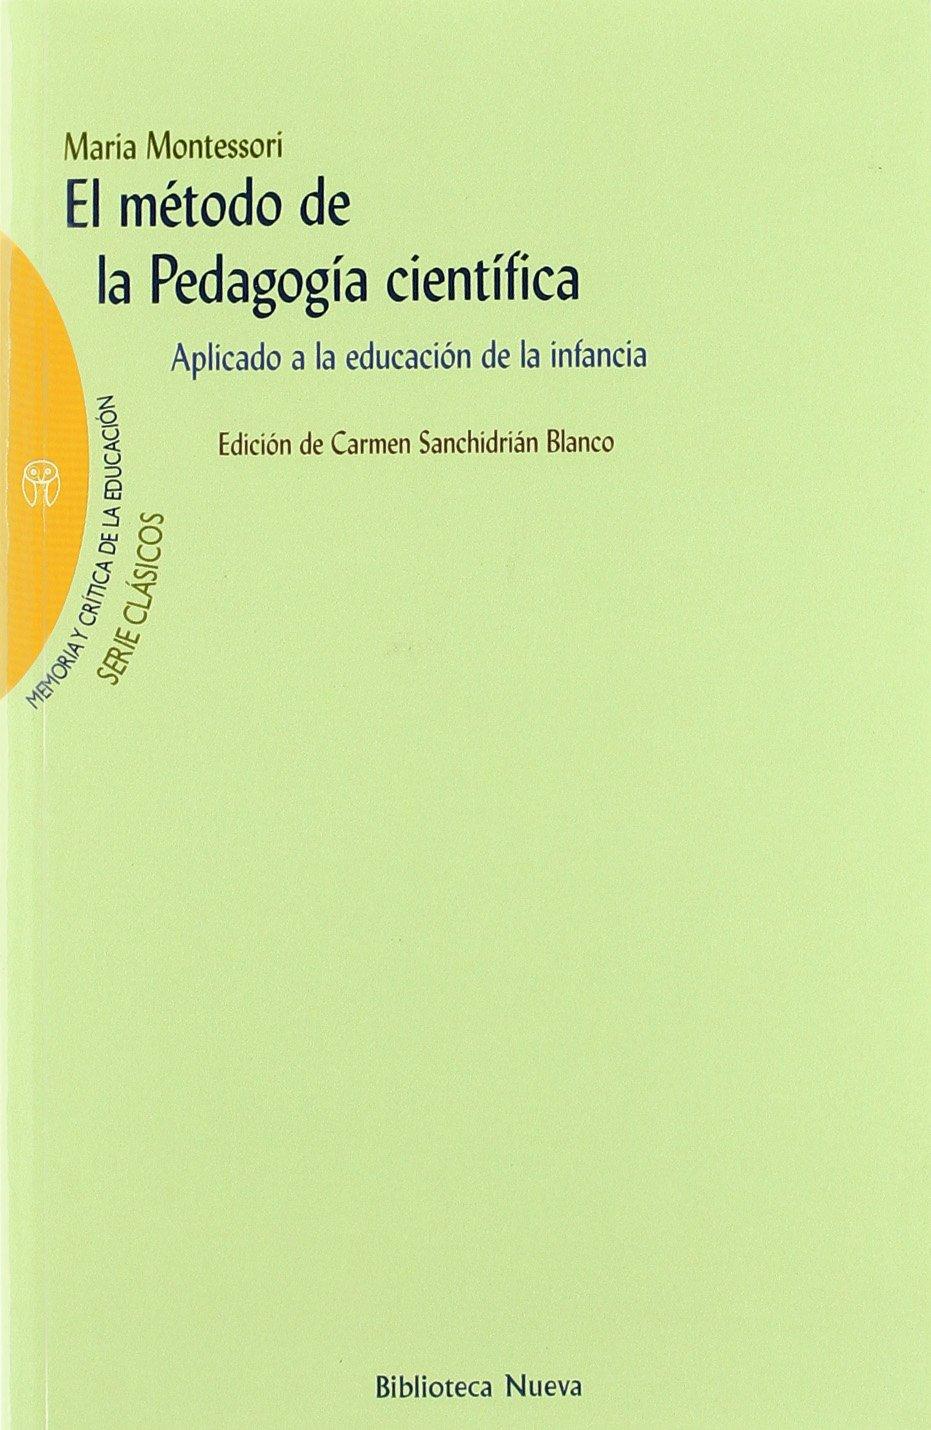 El método de la pedagogía científica de la Dra. Maria Montessori.